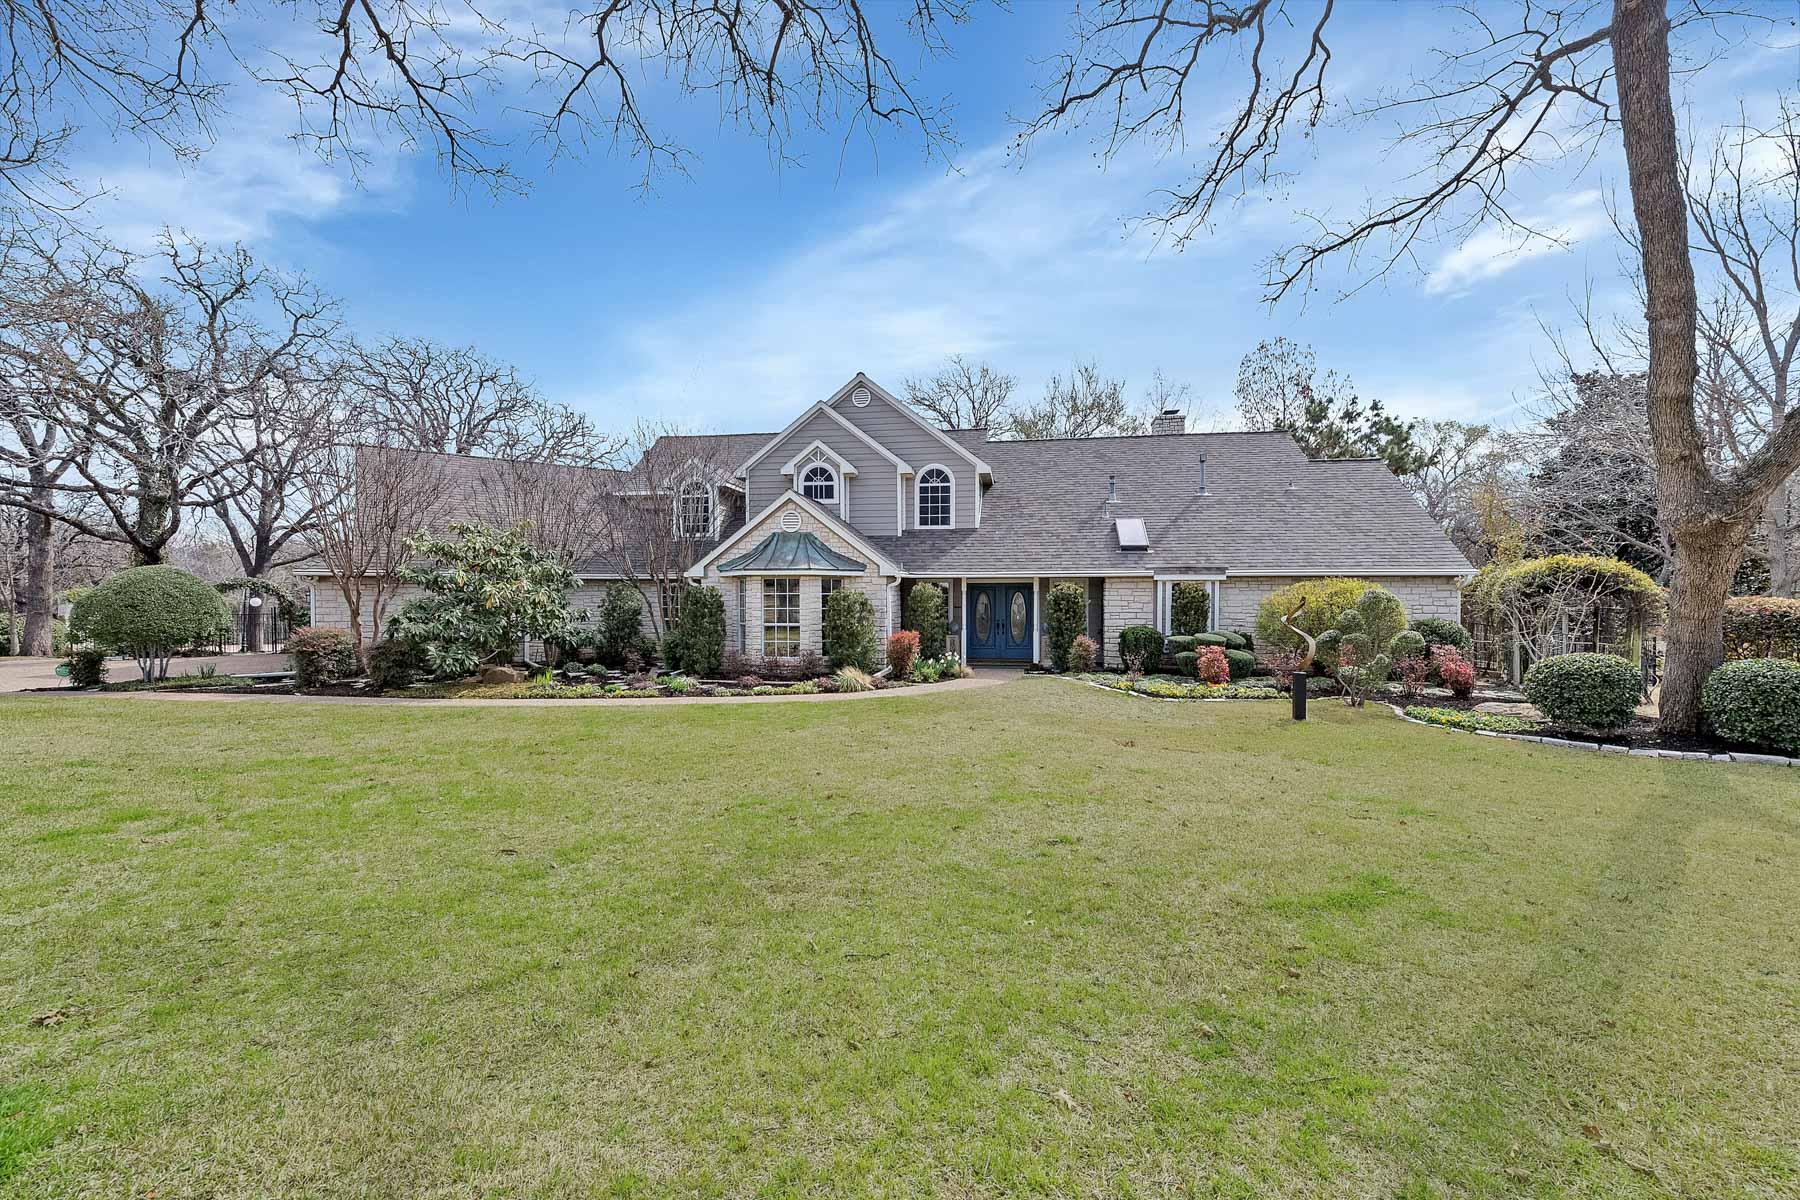 Maison unifamiliale pour l à vendre à Impeccable Austin Stone Ranch Style Home Situated on a unique 4.29 Private Lot 1352 Estella Way, Southlake, Texas, 76092 États-Unis